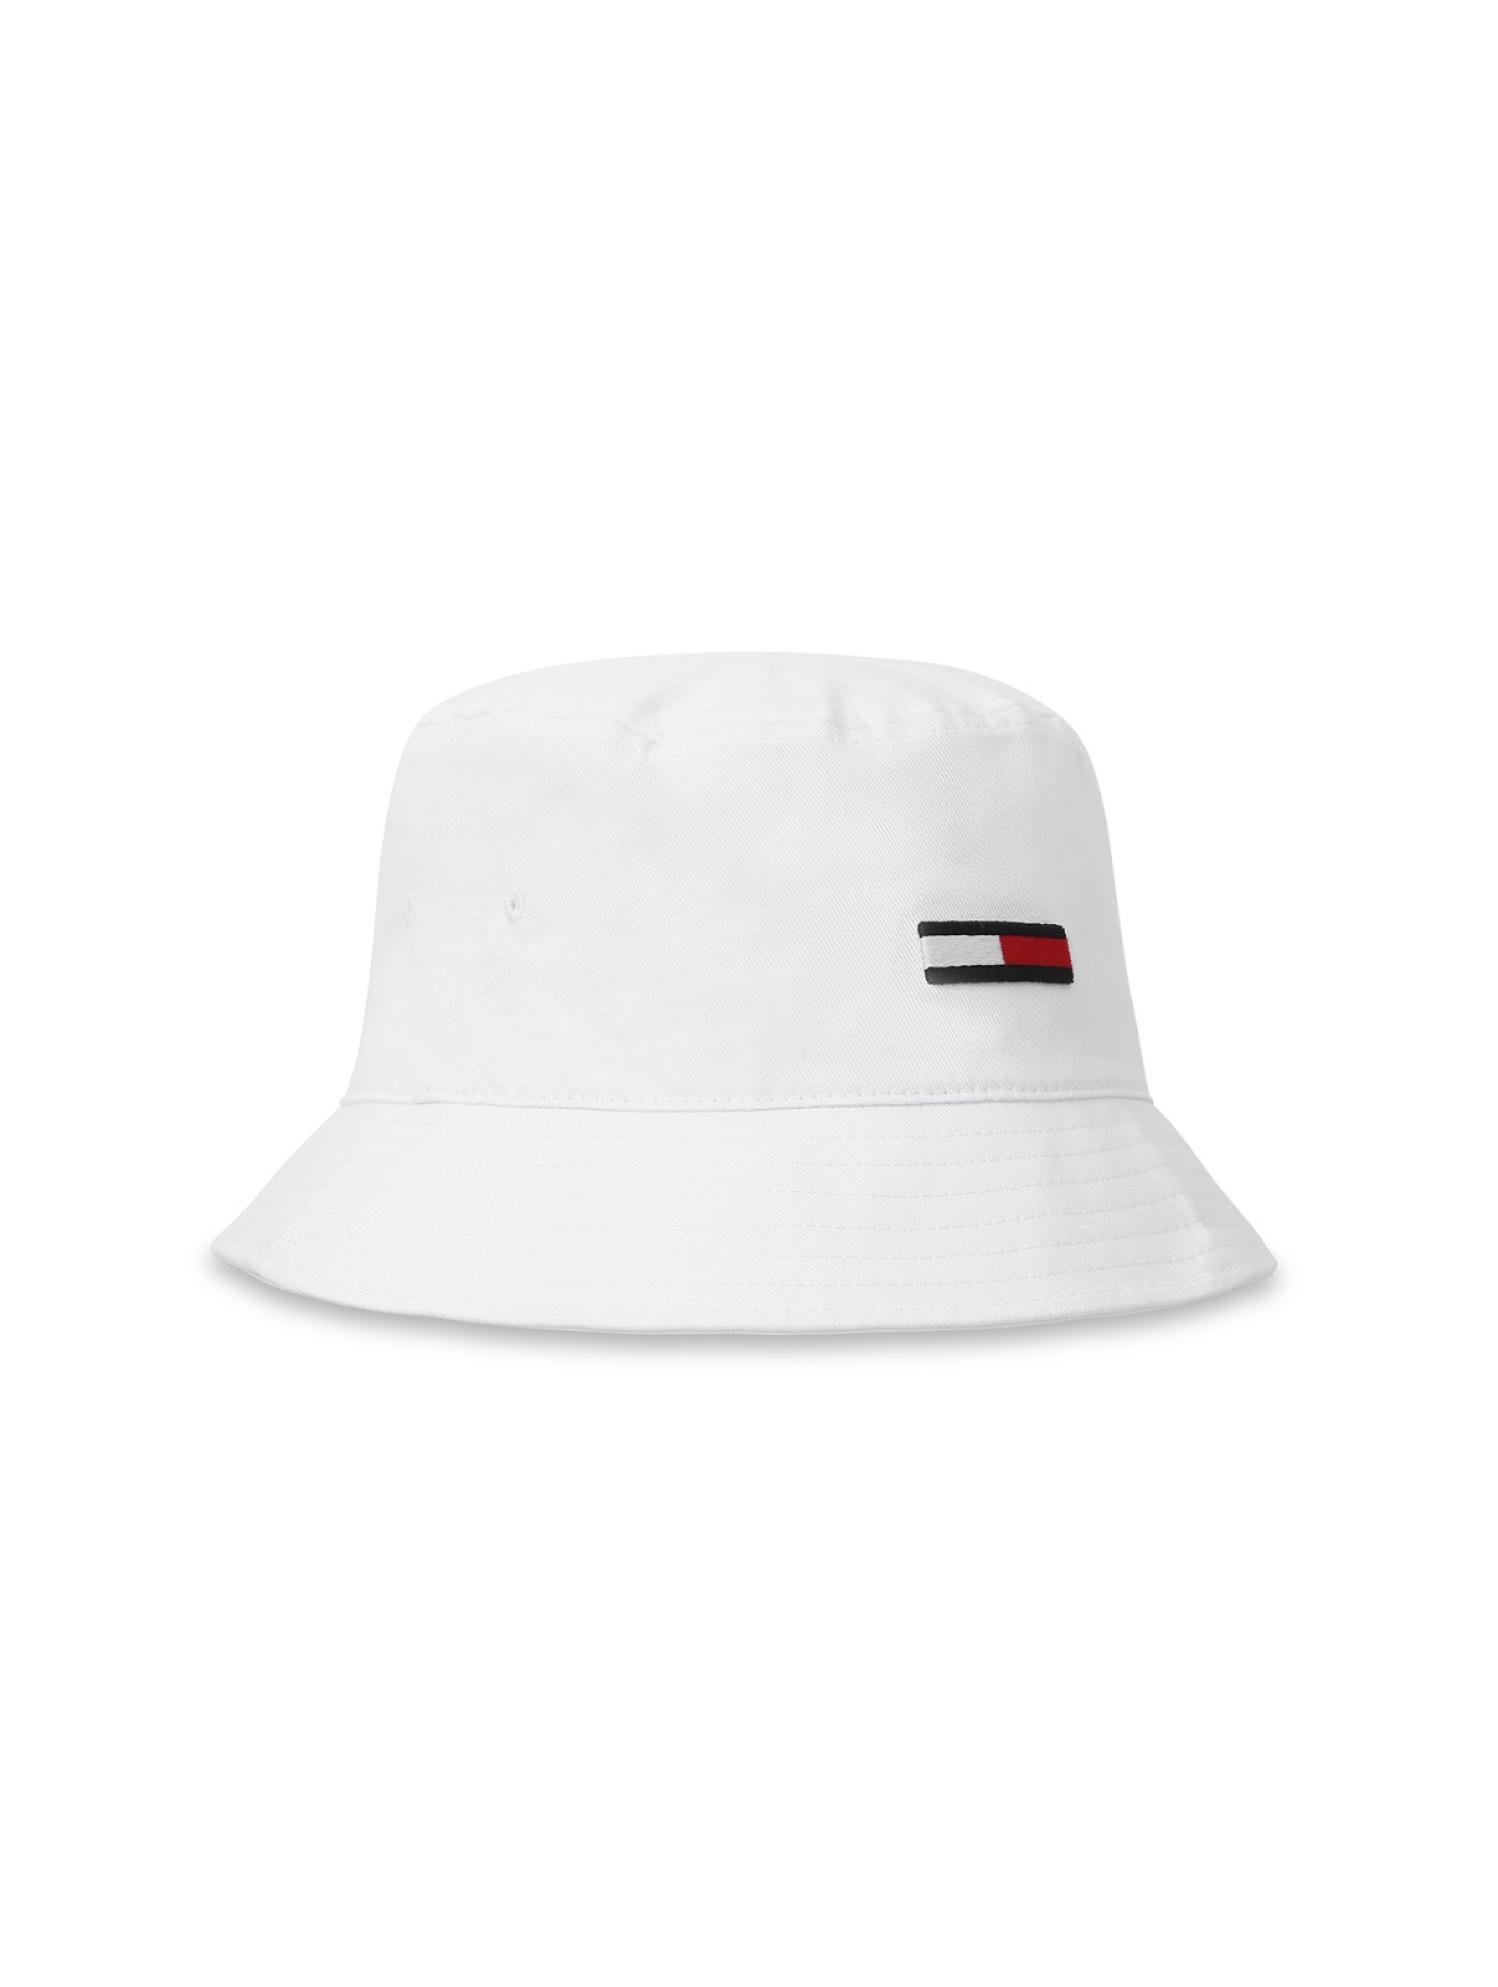 刺绣旗标渔夫帽